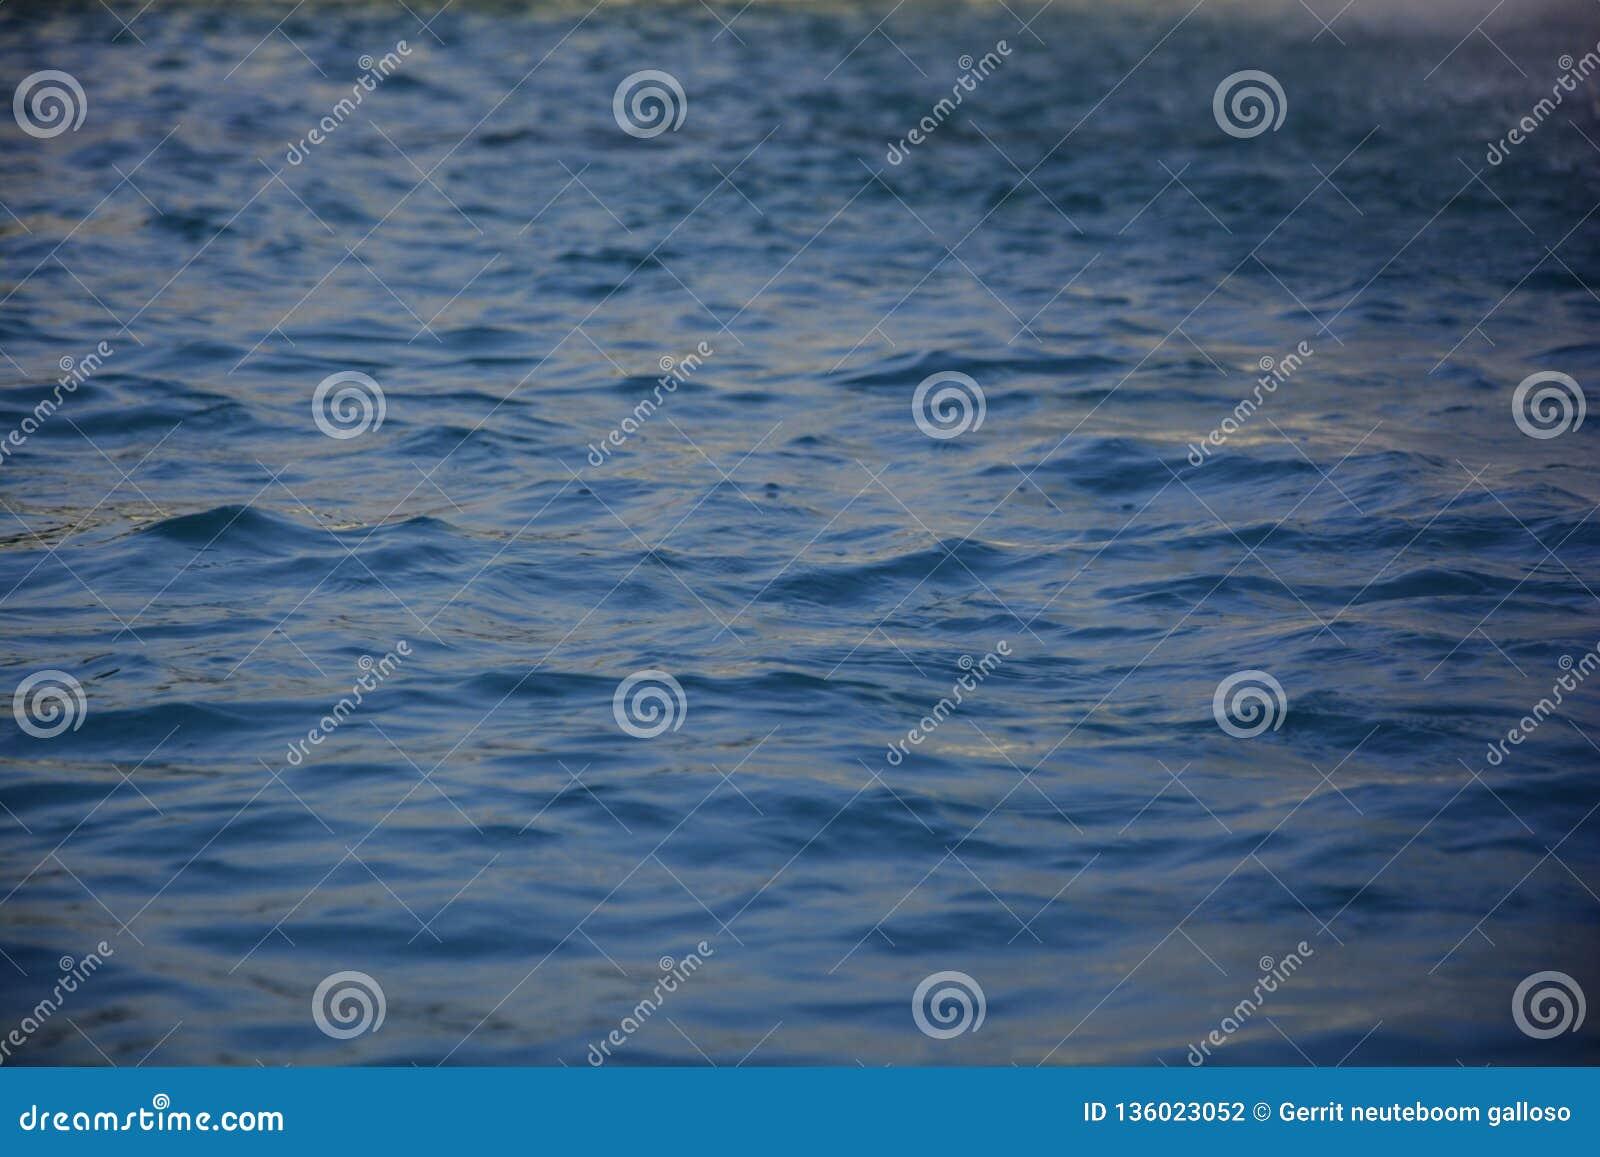 Mnóstwo woda z małymi falami